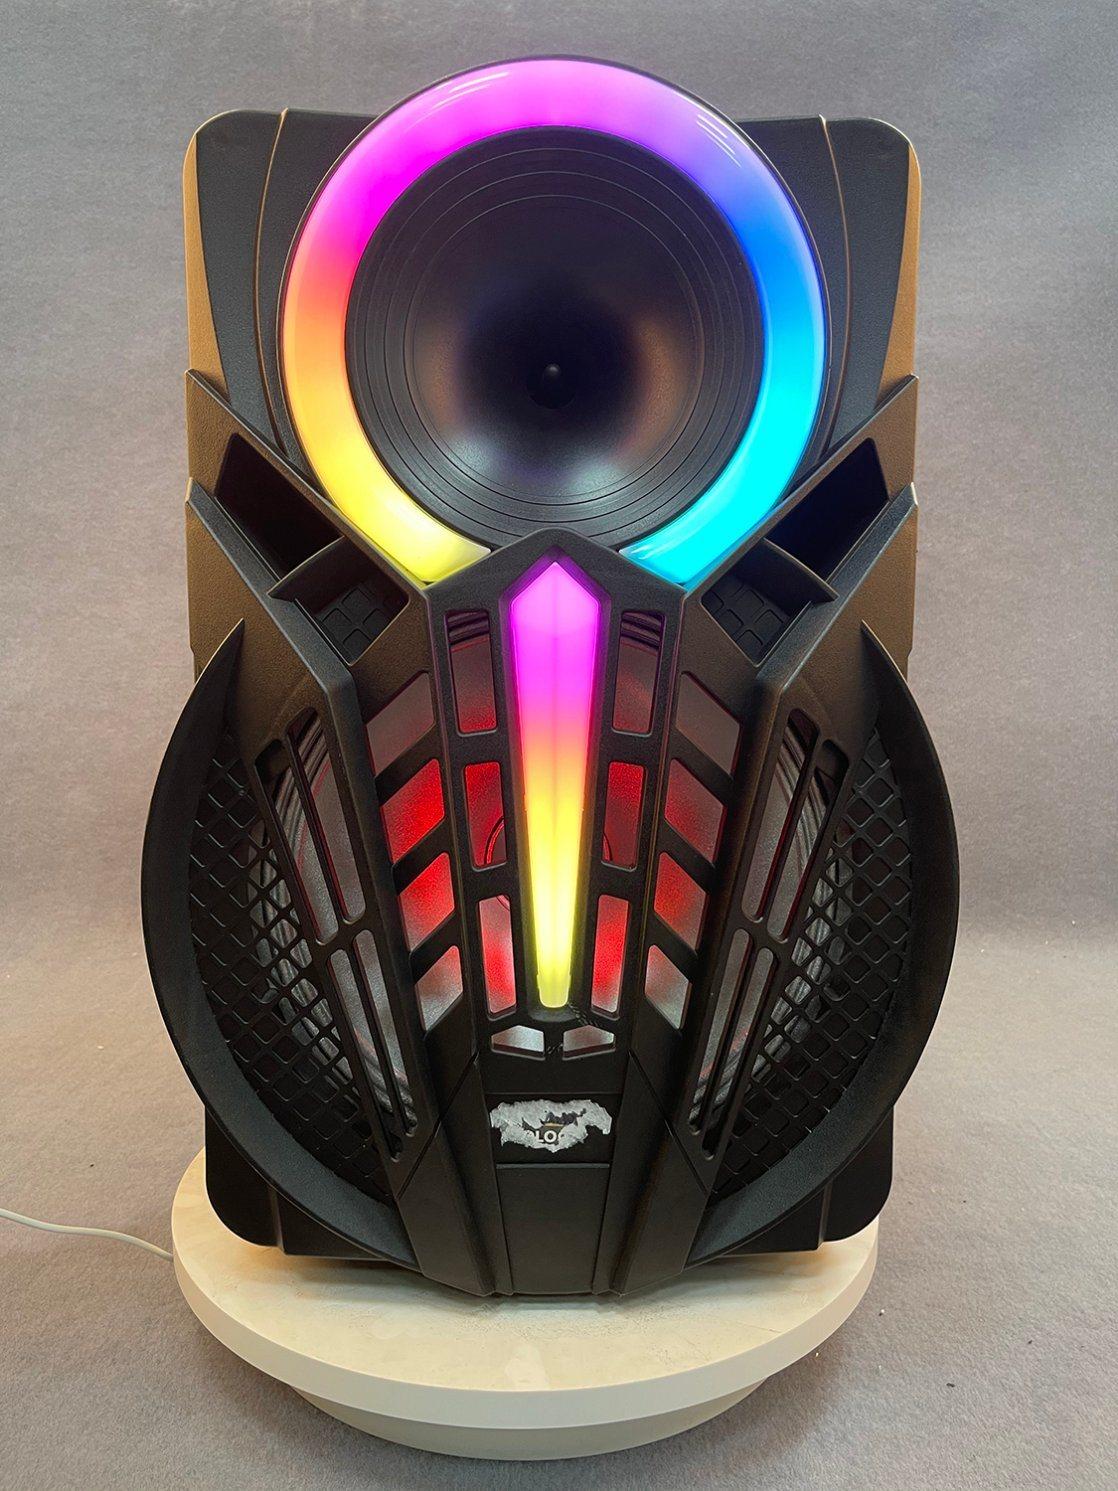 Professioneller Audiotrolley HiFi Tragbarer kabelloser Bluetooth PA-Sound im Freien Bühne DJ Party Dance Lautsprecher mit Licht aktiv Lautsprecher GZ-P08